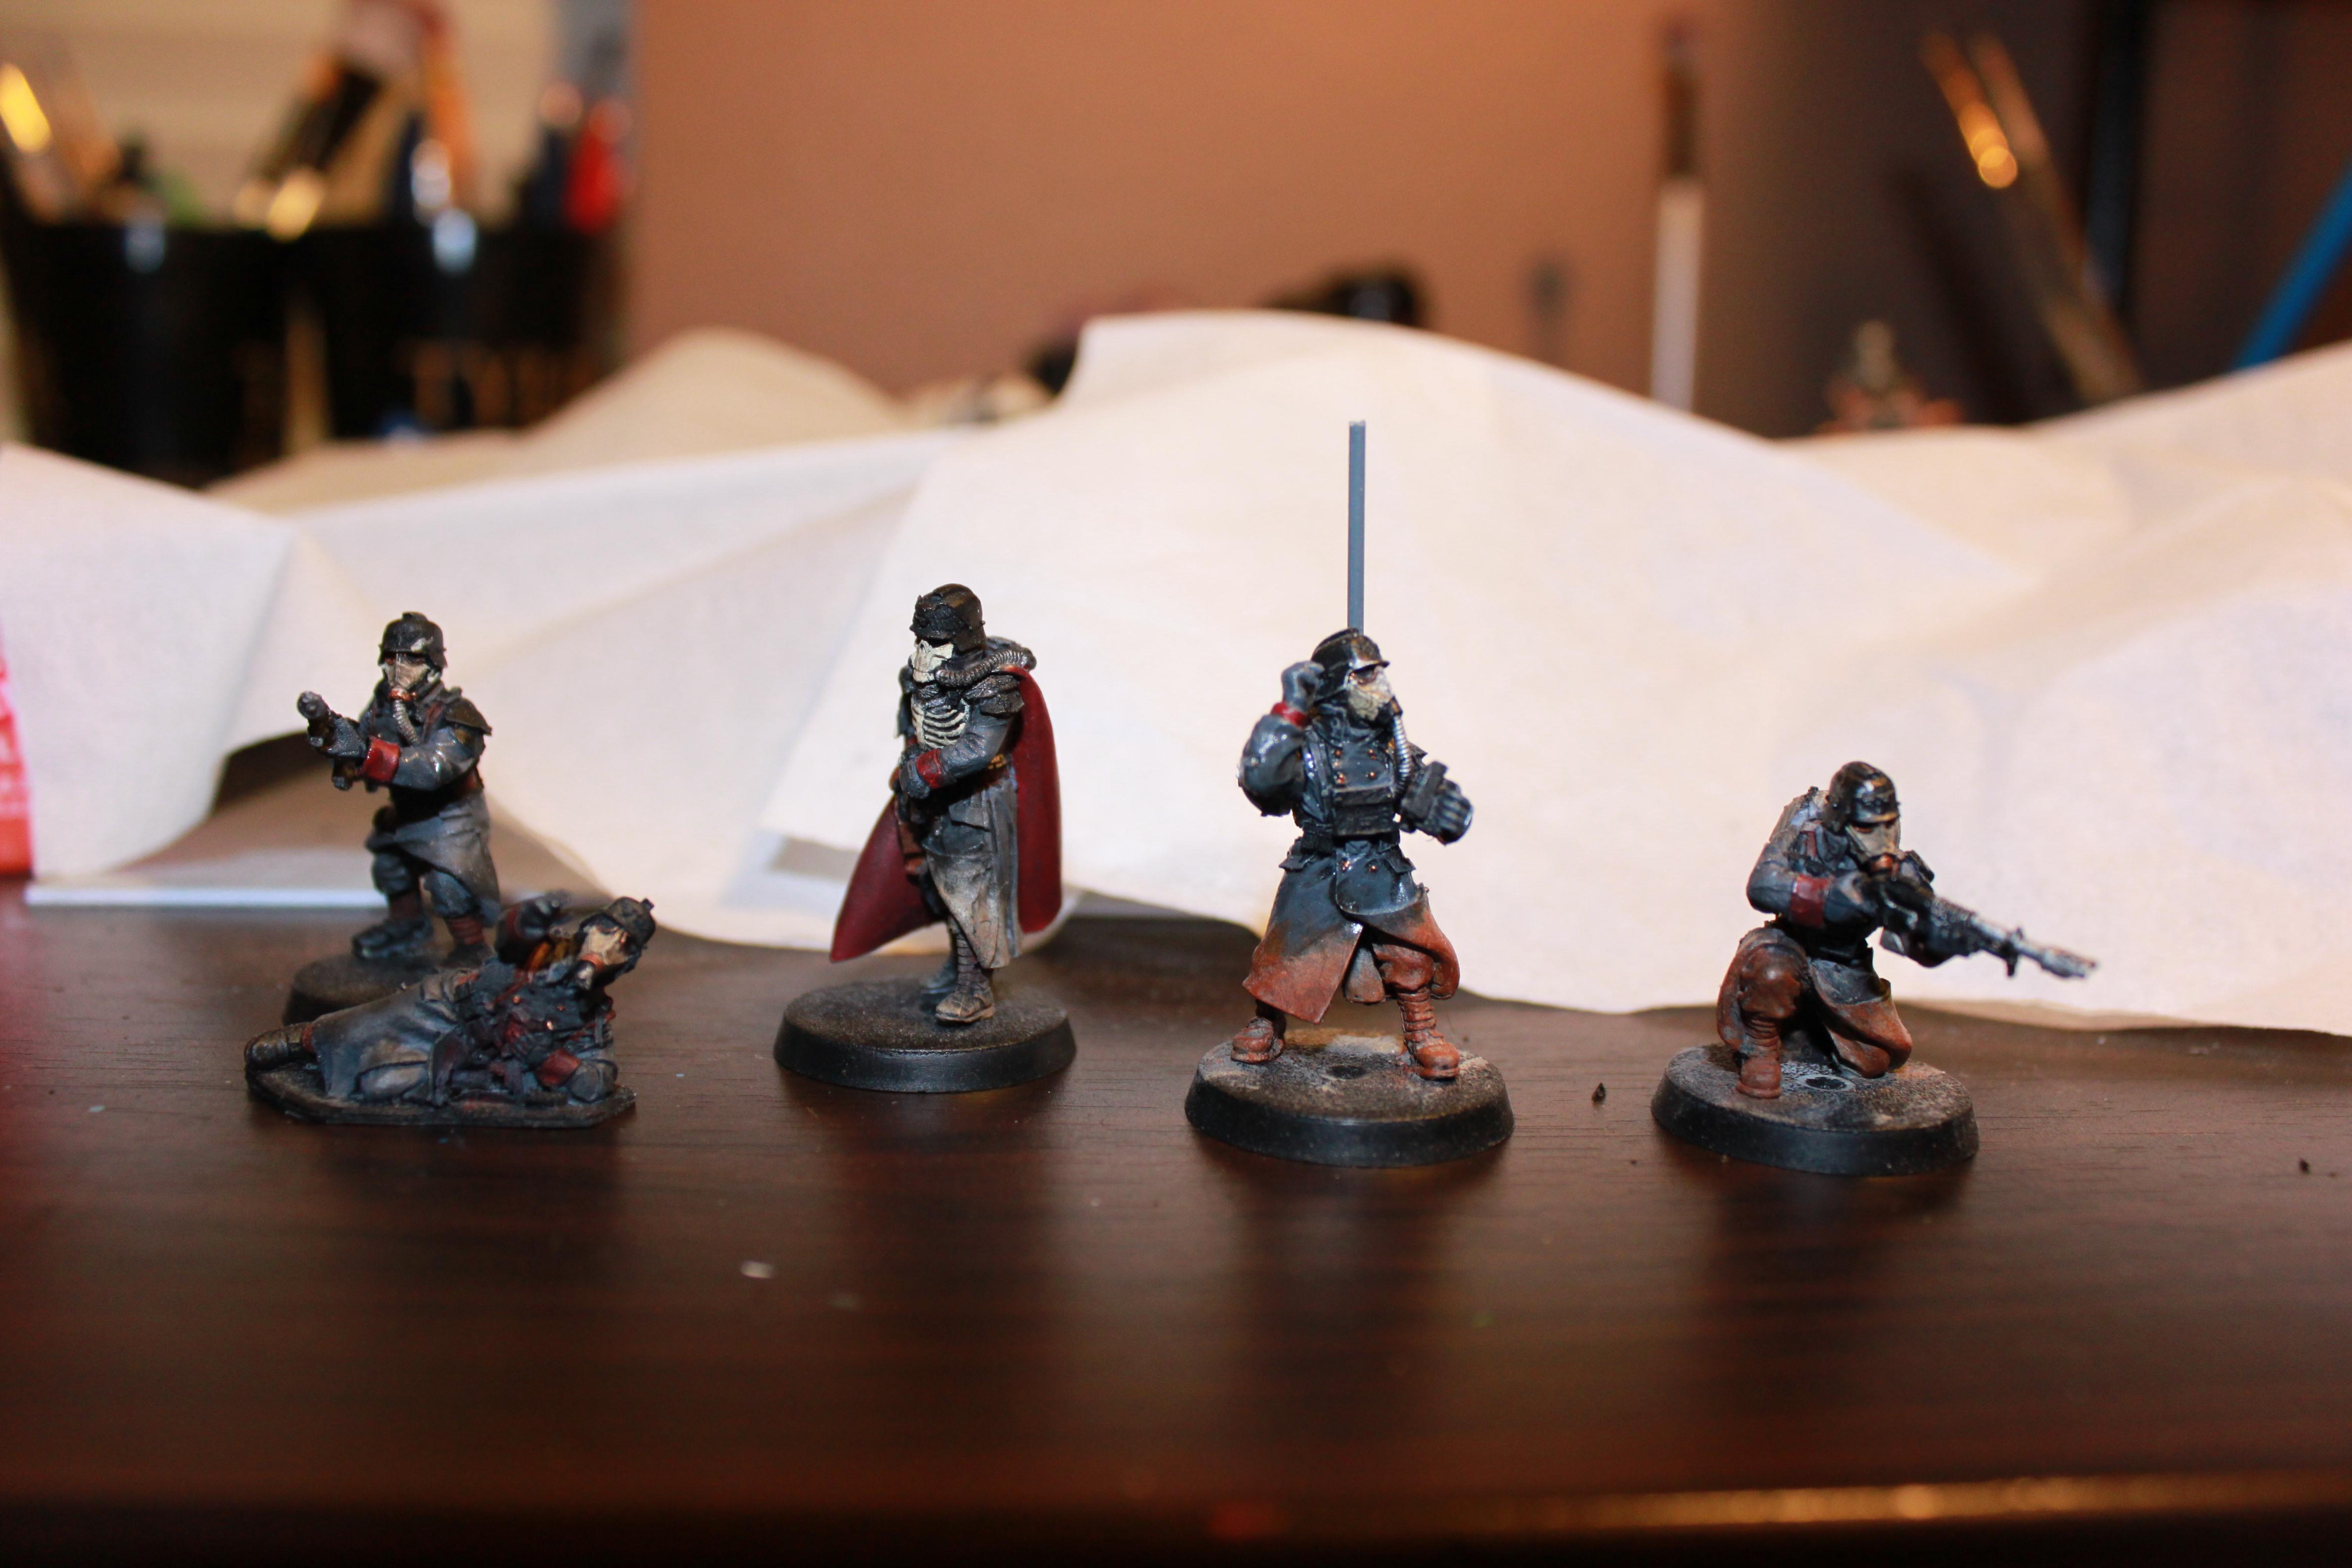 Quartermaster and vox caster + 2 guardsmen